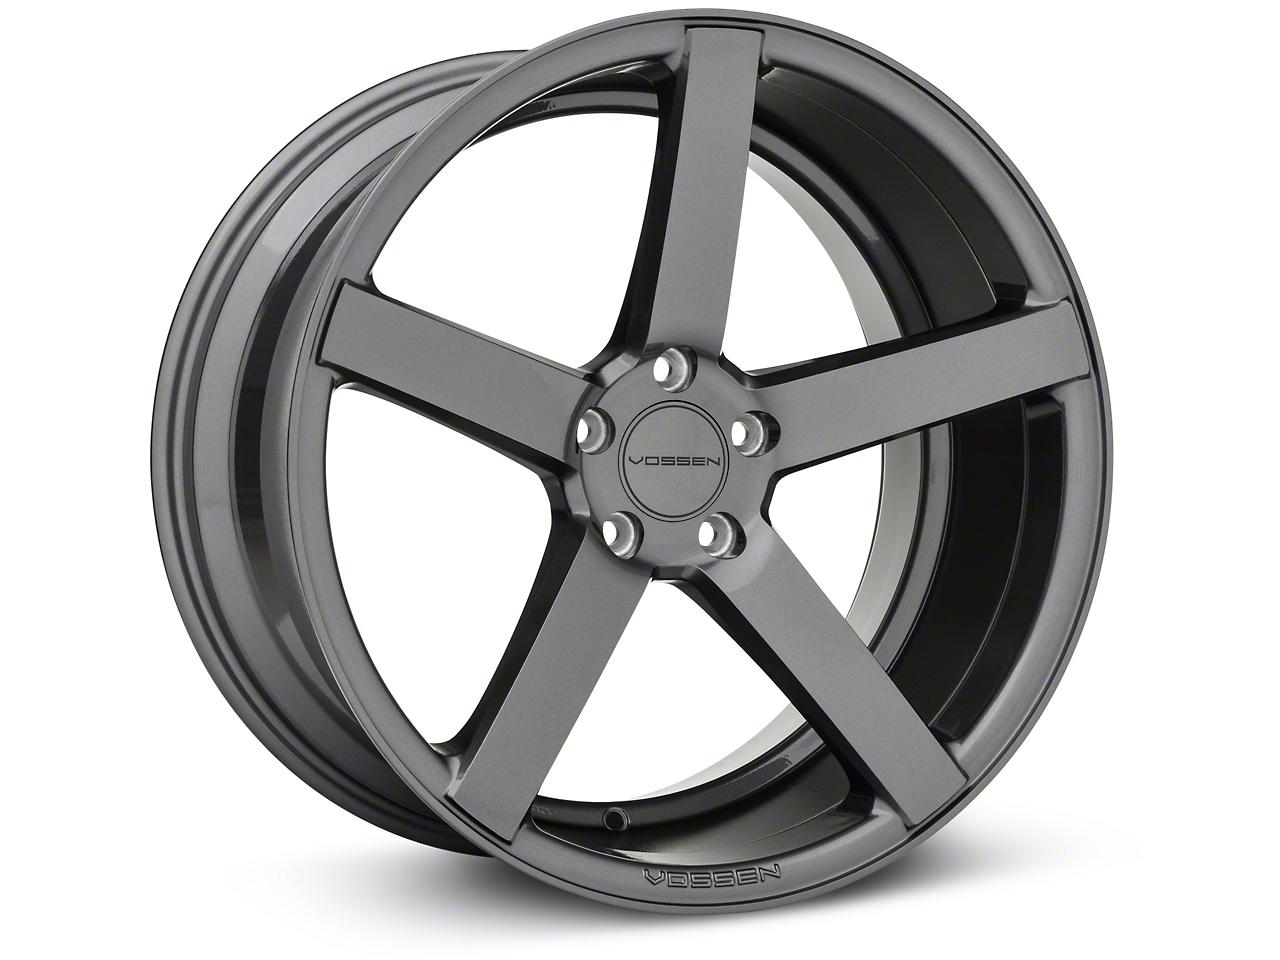 Vossen CV3 Matte Graphite Wheel - 20x10.5 (05-14 All)